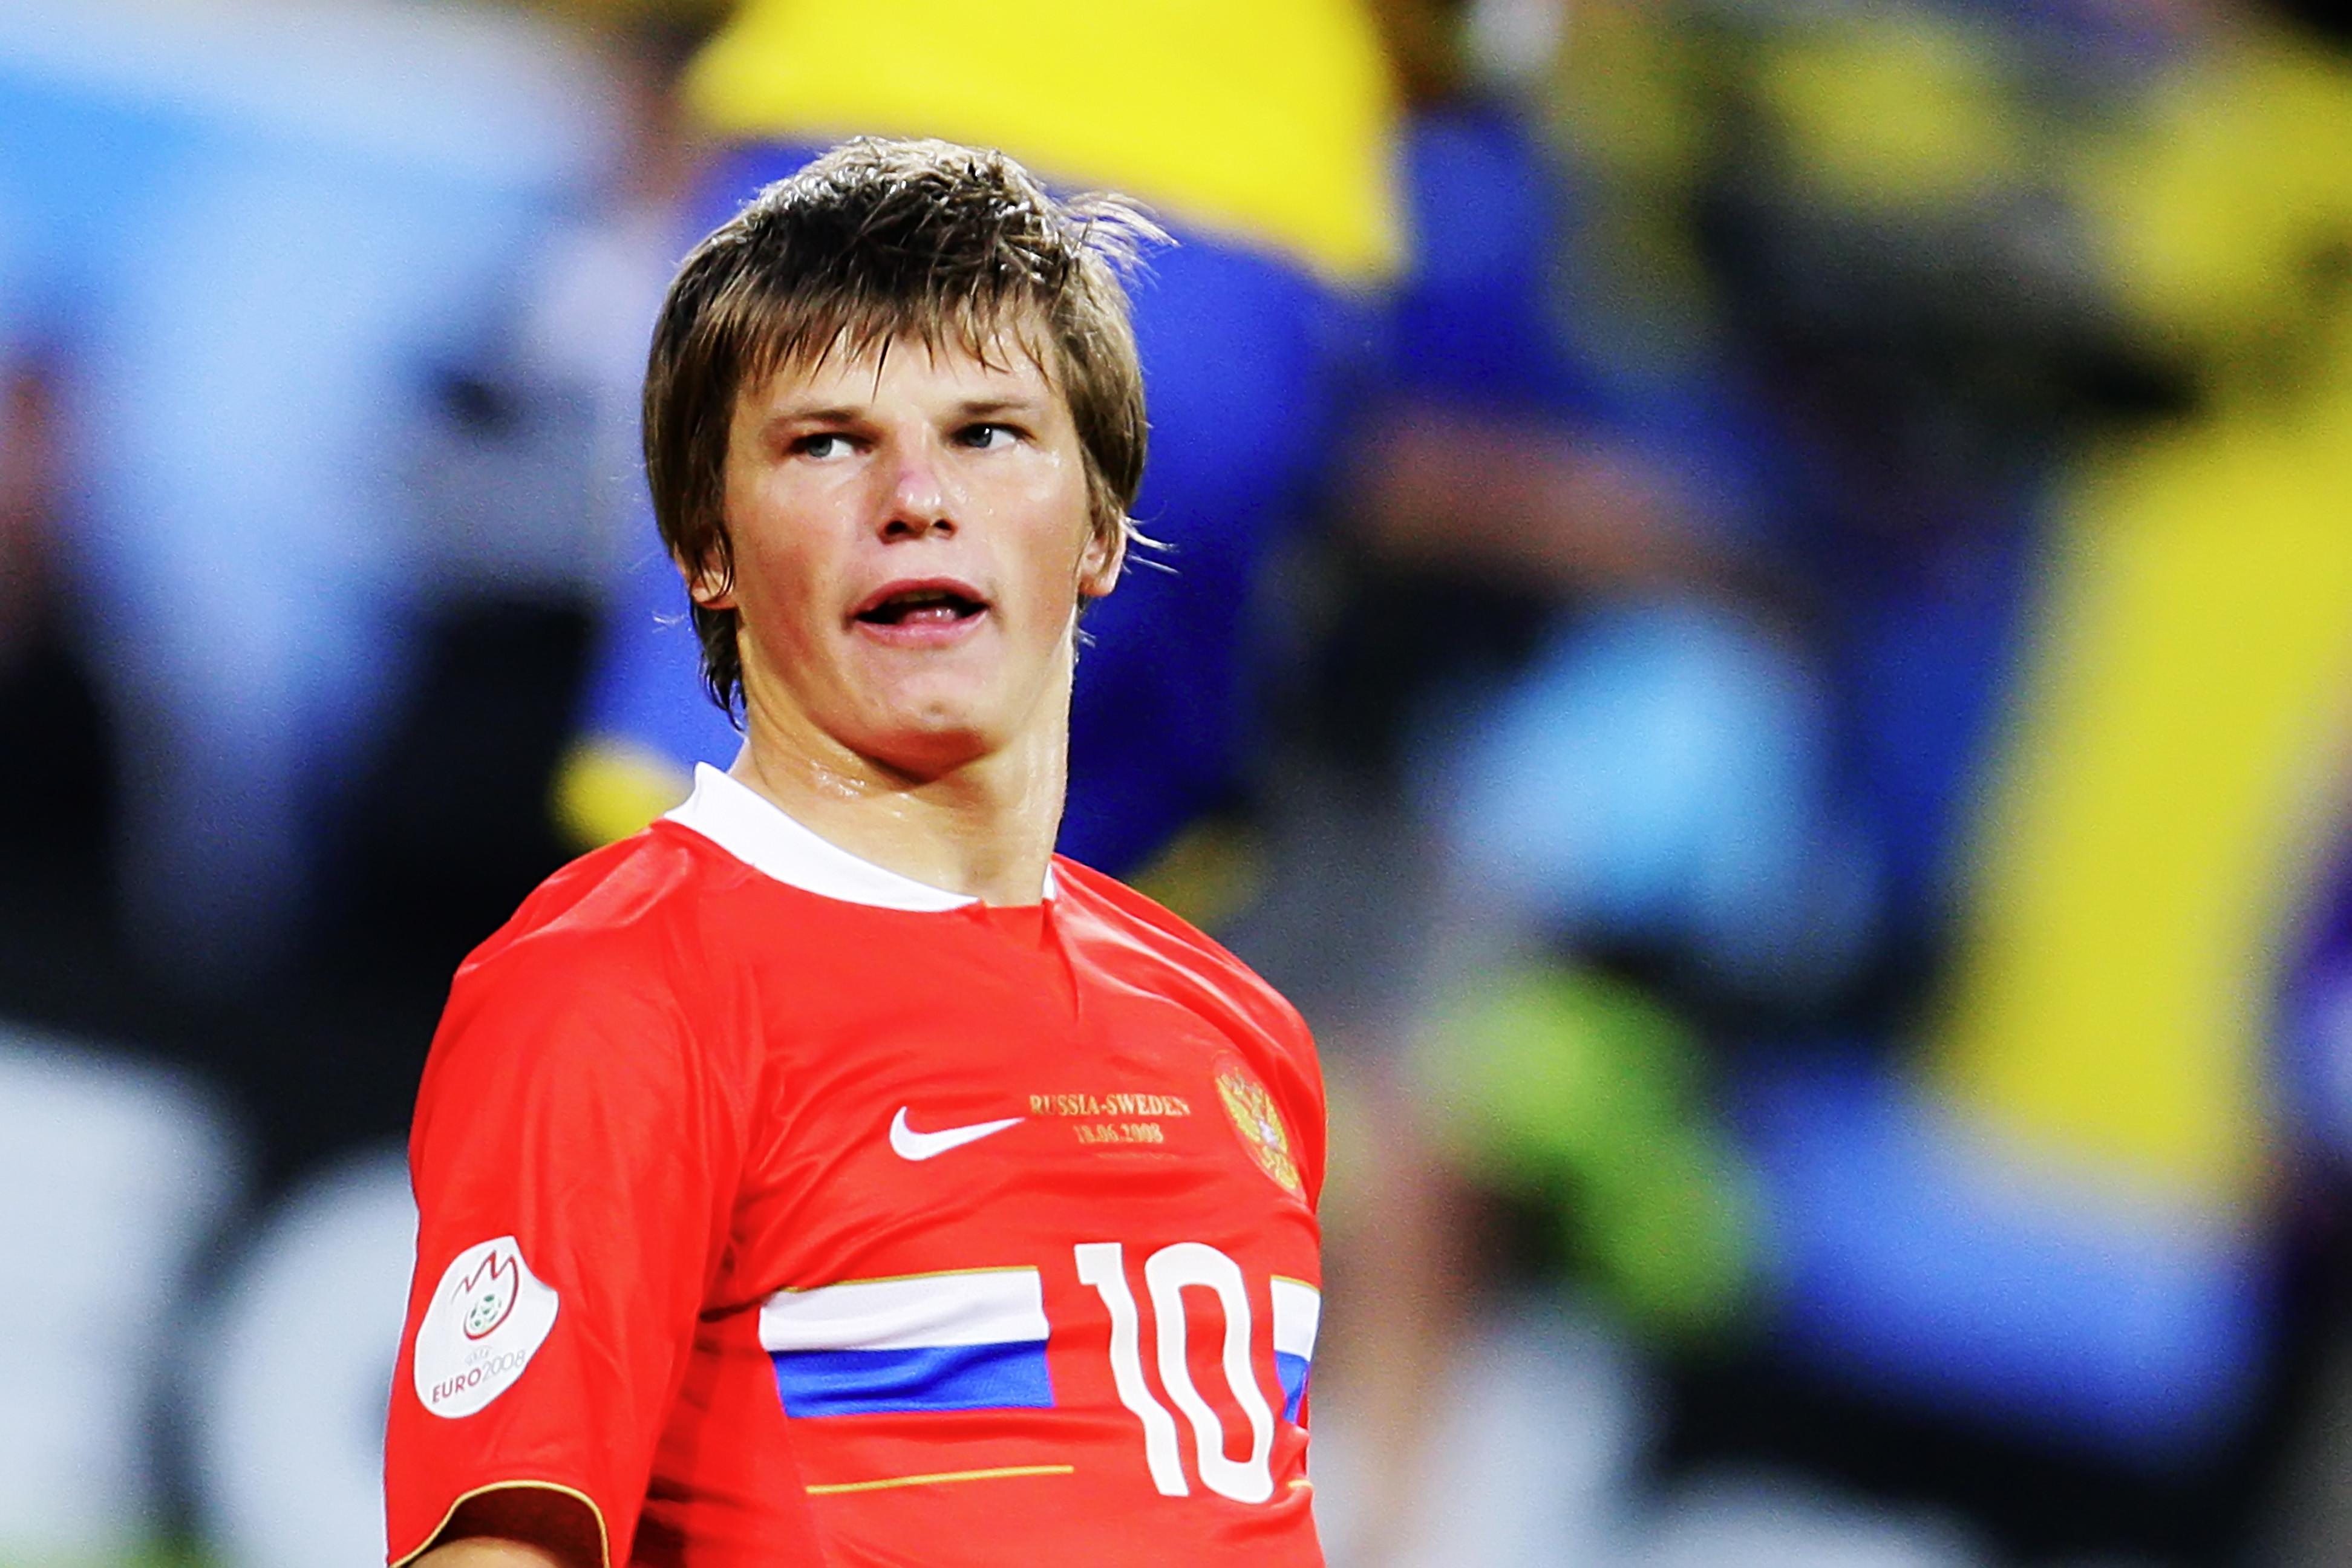 Аршавин на Евро-2008. Фото: © РИА Новости/Антон Денисов